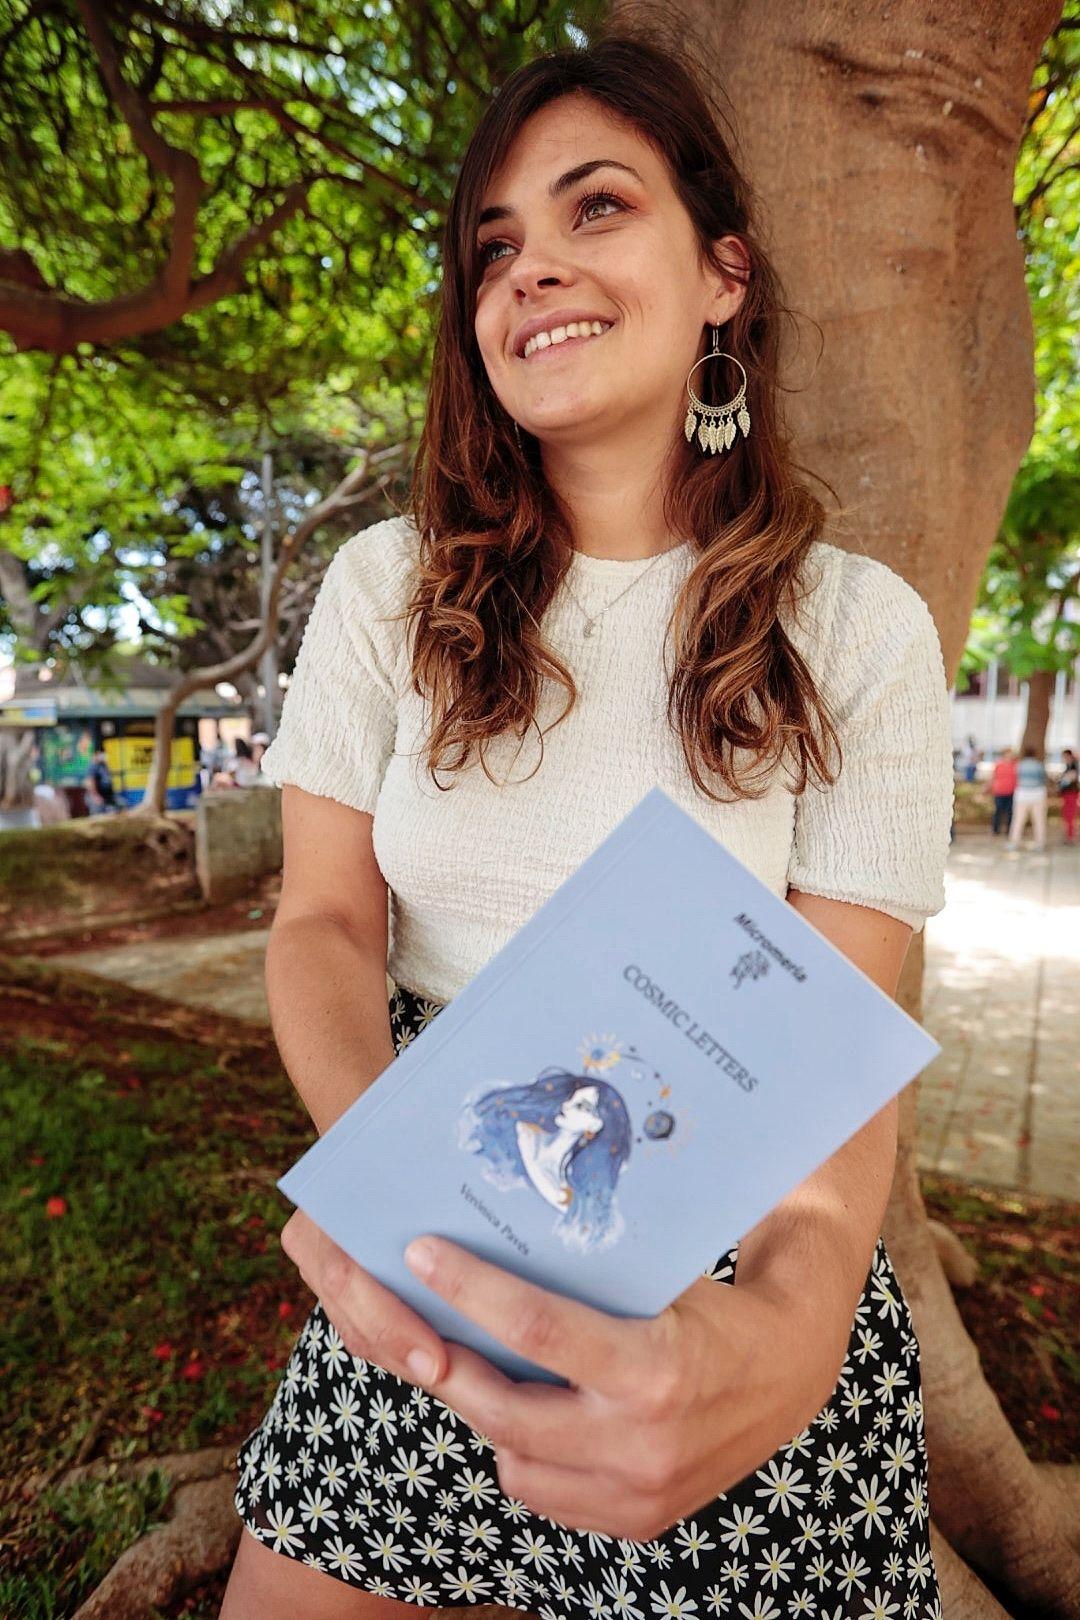 Verónica Pavés acaba de publicar su primer poemario, Cosmic Letters